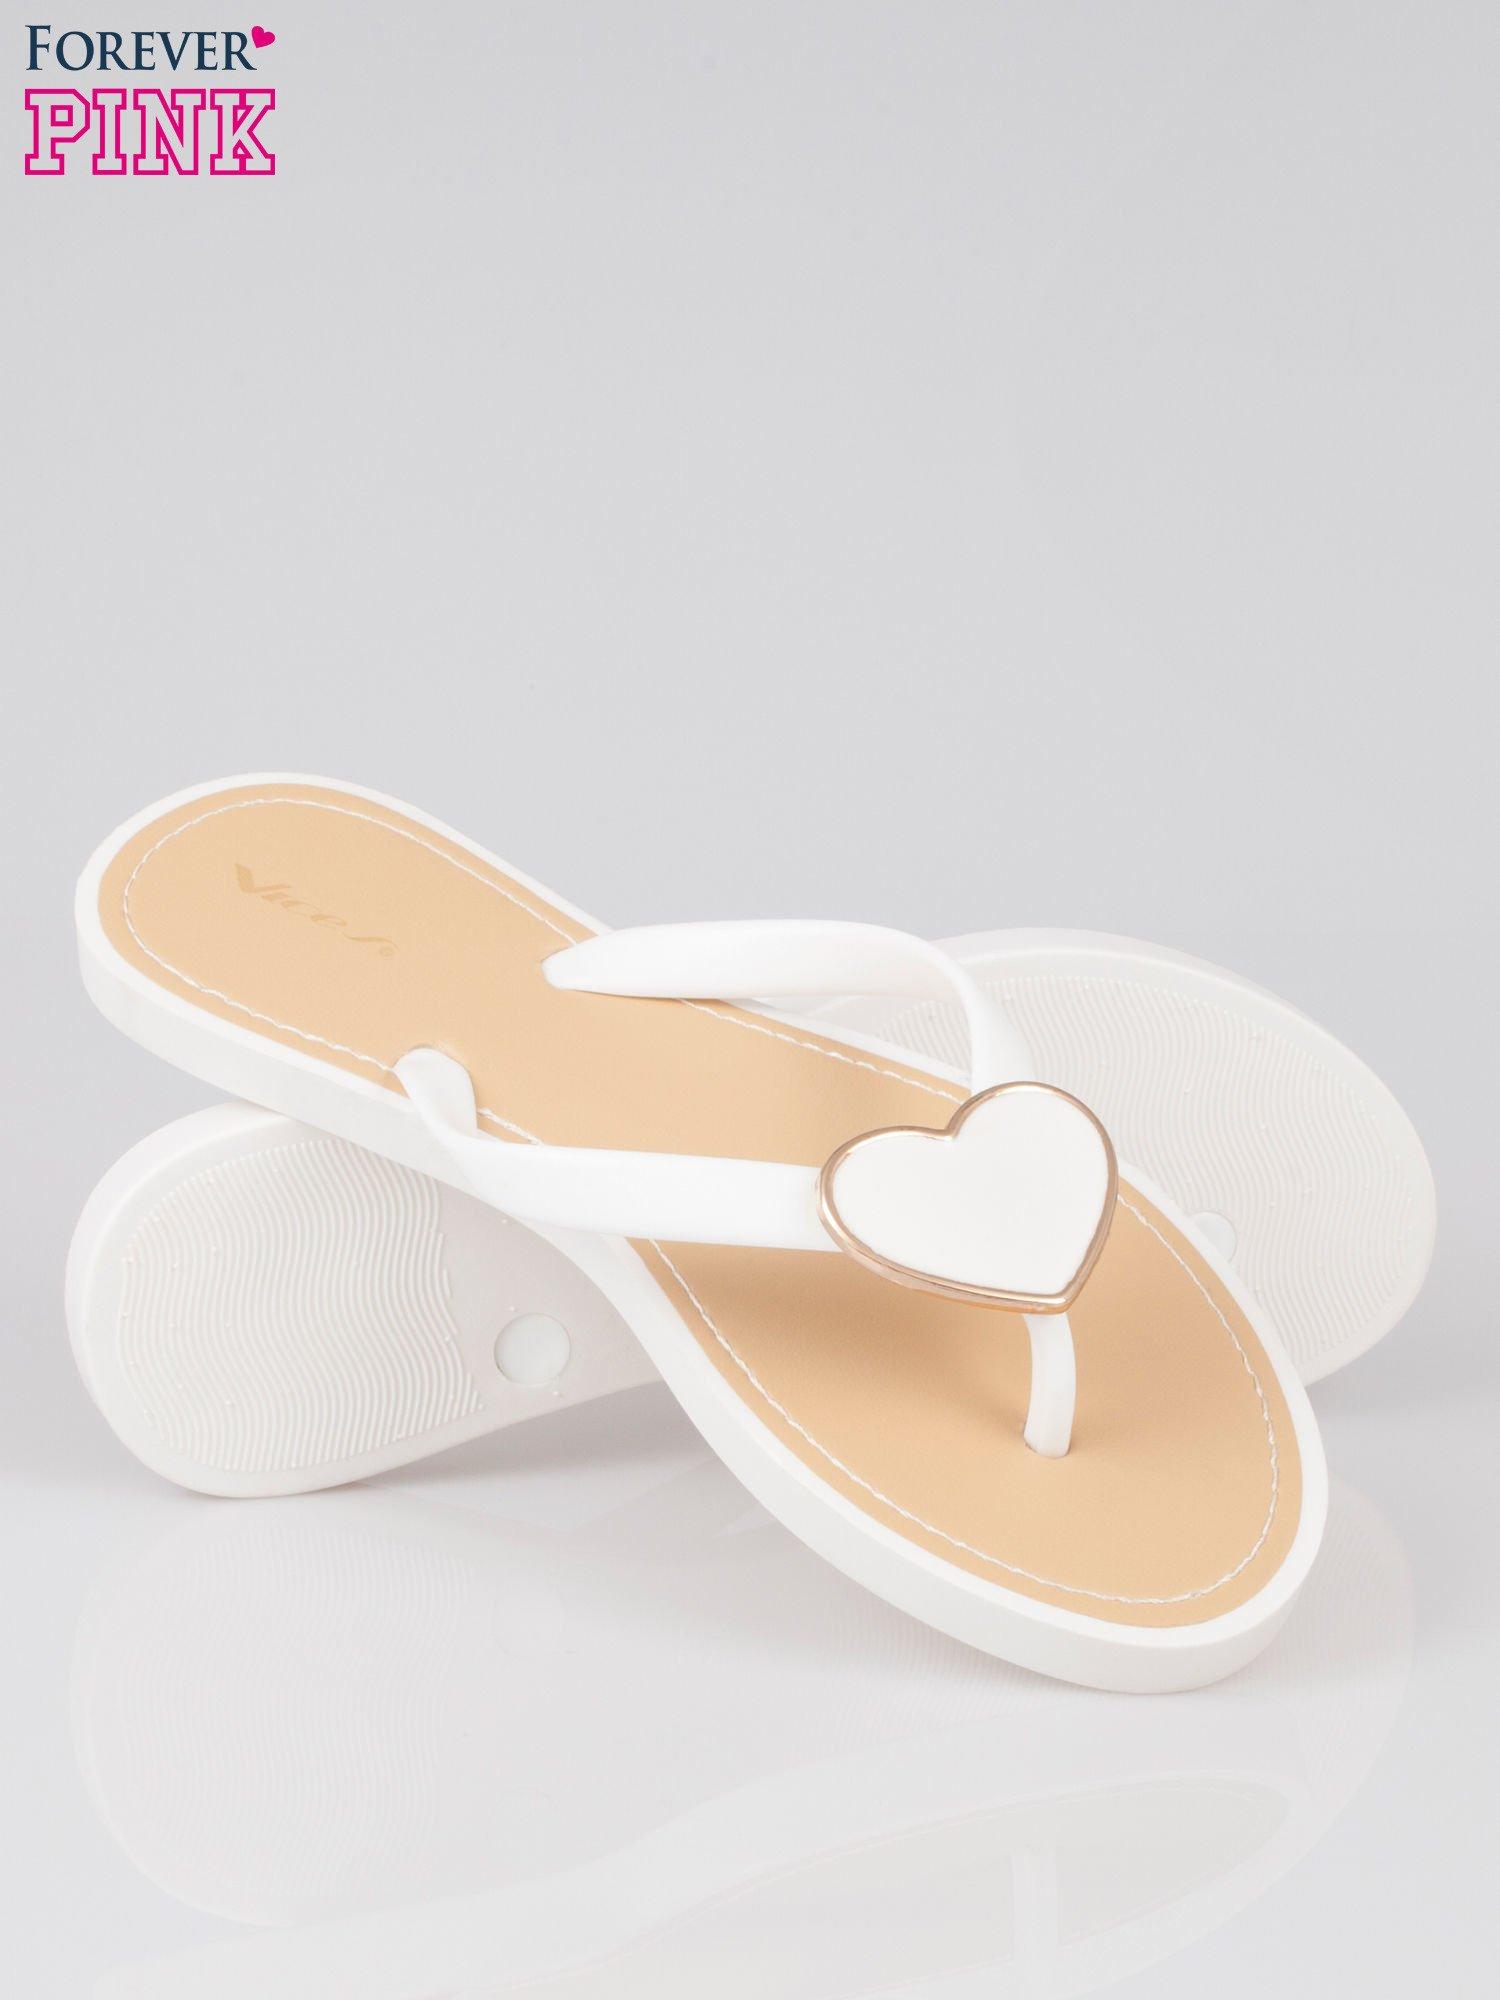 Białe klapki japonki ze złotym serduszkiem                                  zdj.                                  4